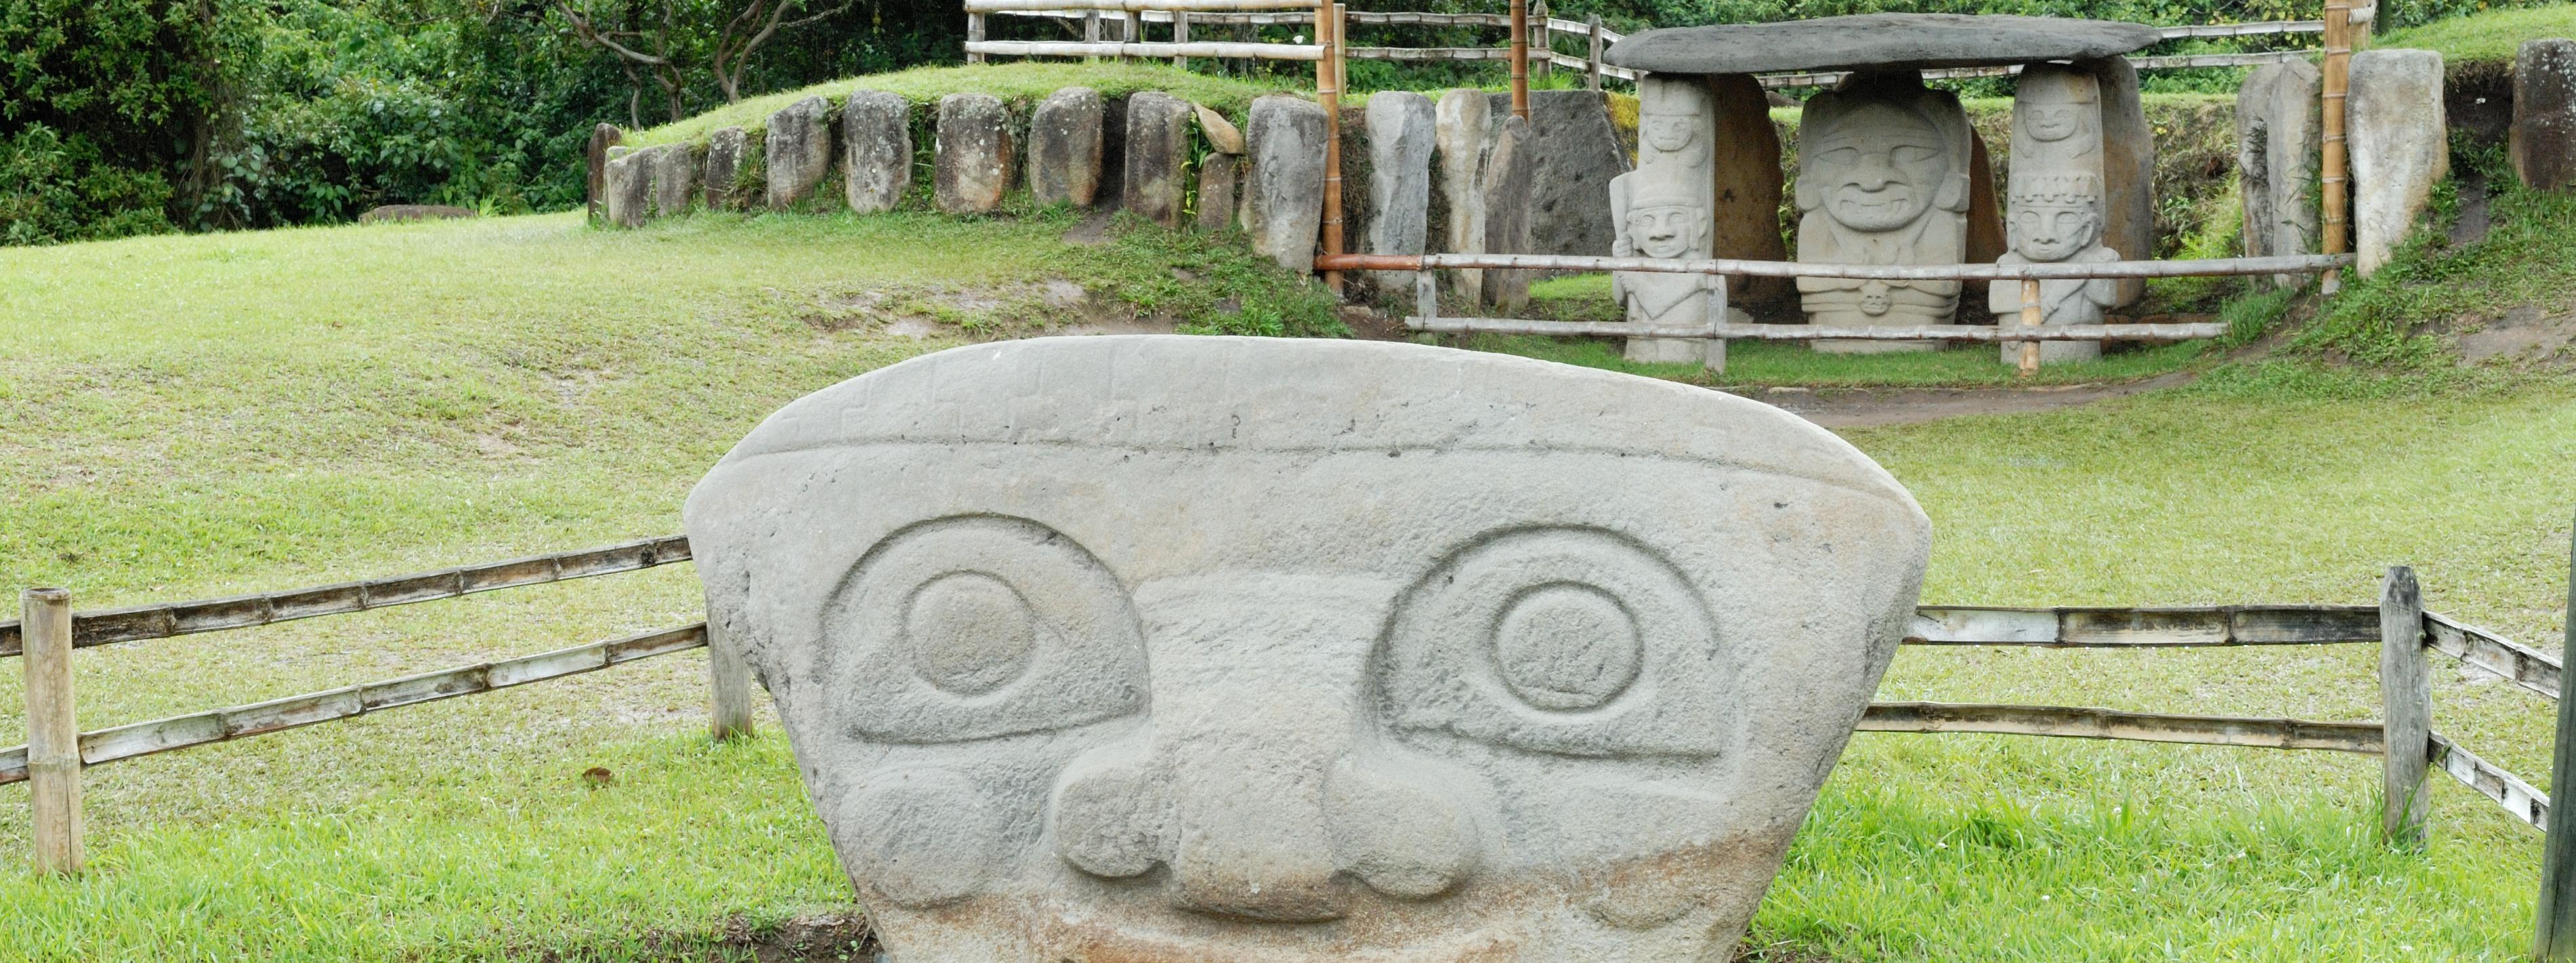 http://www.kontour-travel.com/wp-content/uploads/san-agustin-colombia-parque-arqueologico-010.jpg